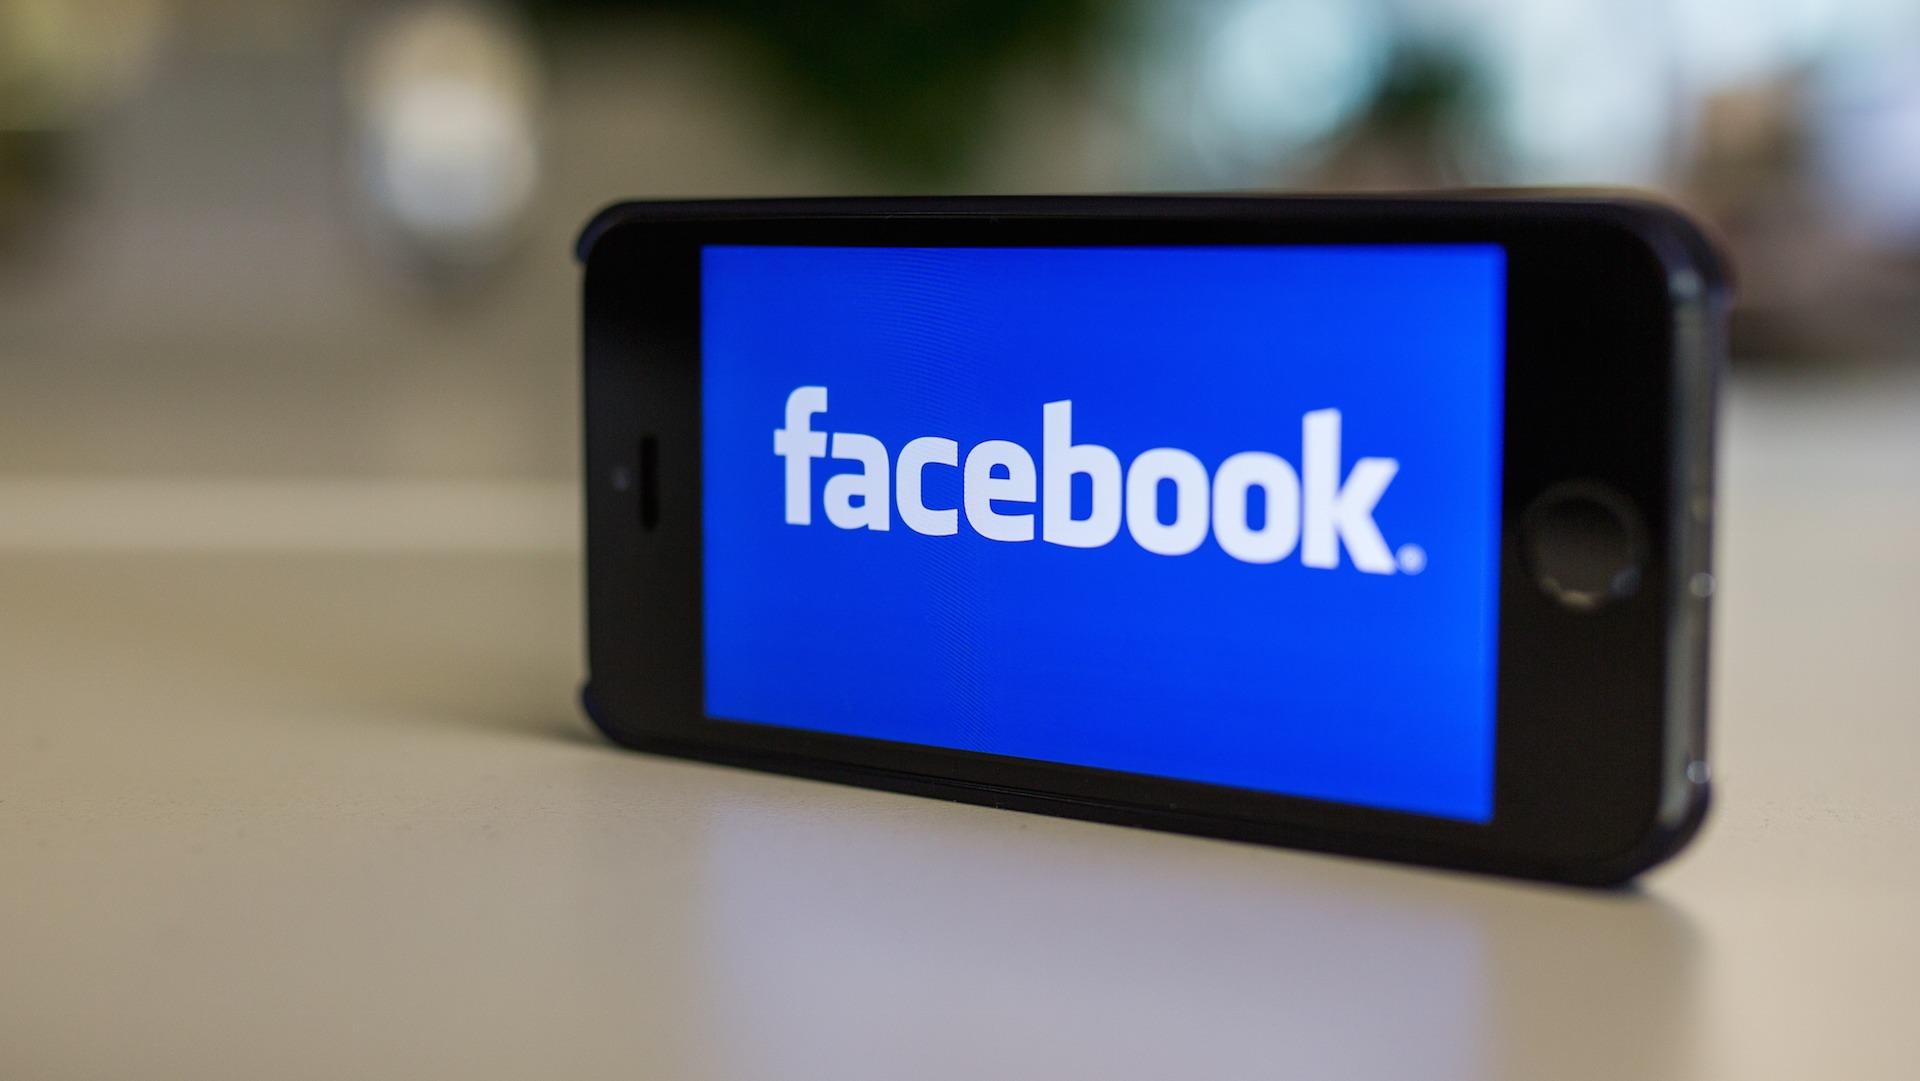 خاصية جديدة من فايسبوك Facebook للتواصل بسهولة مع غير الاصدقاء